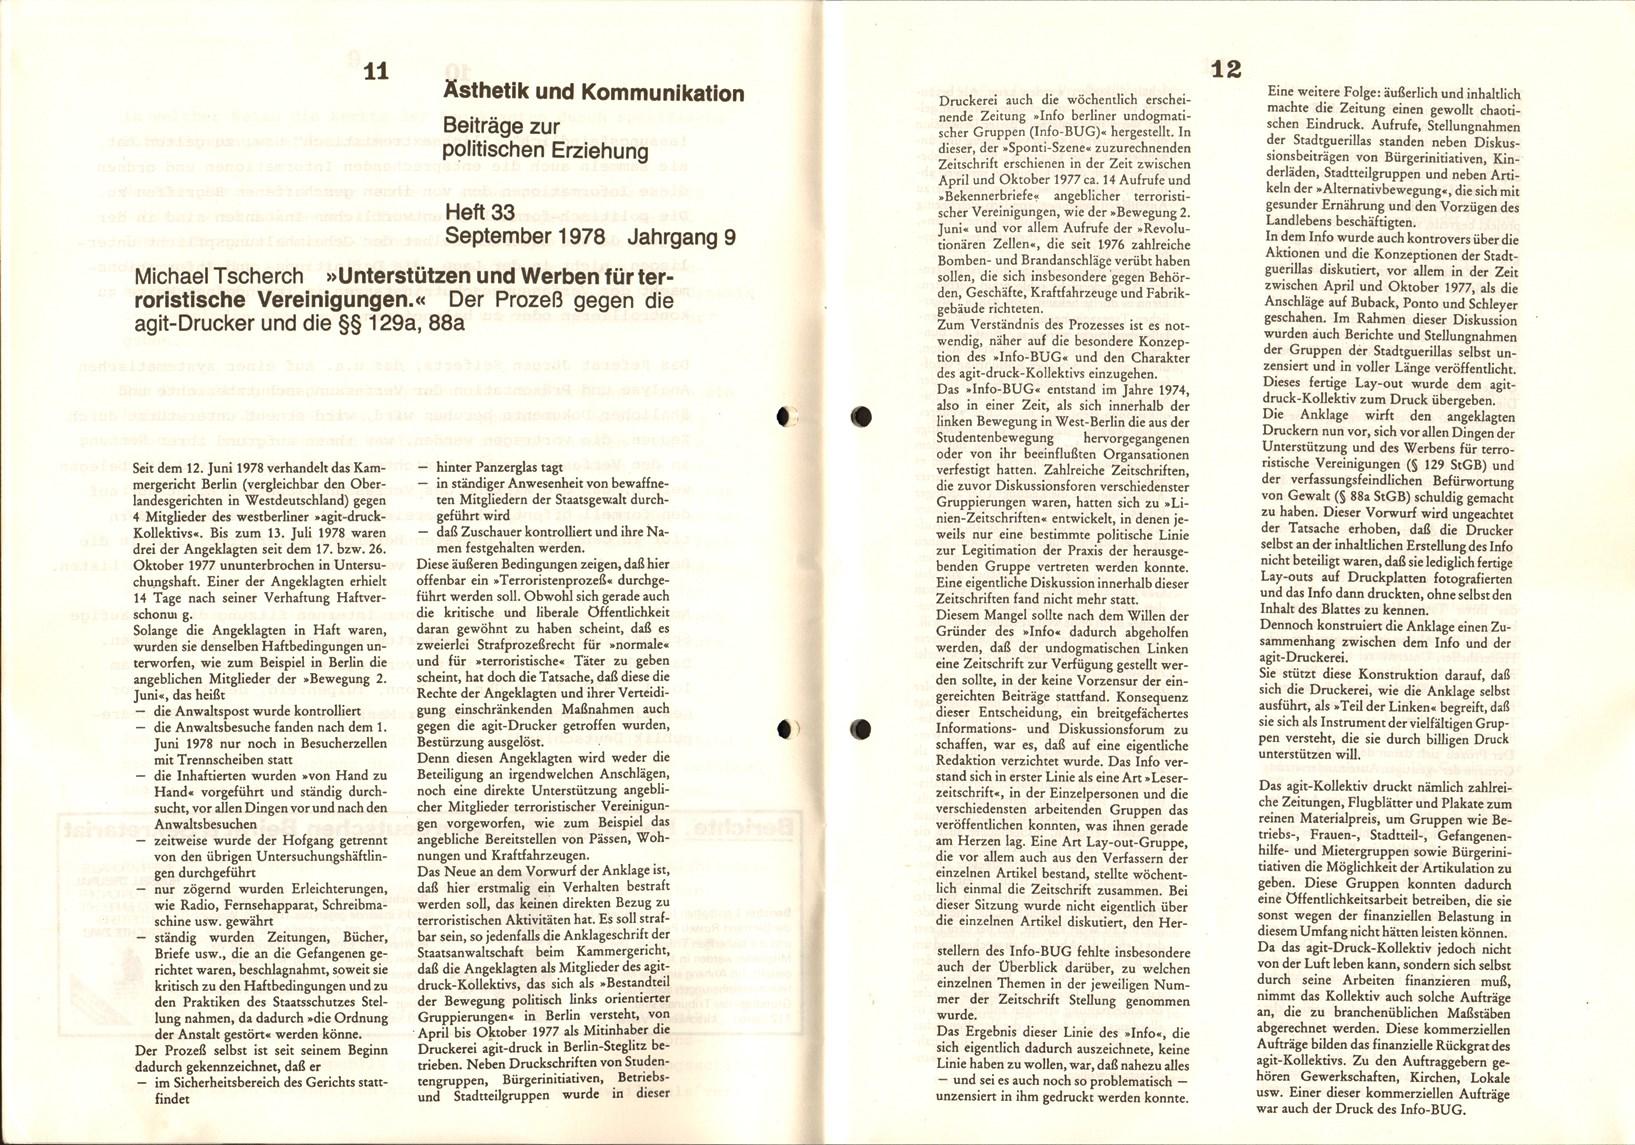 RT_Zur_zweiten_Sitzungsperiode_1979_09